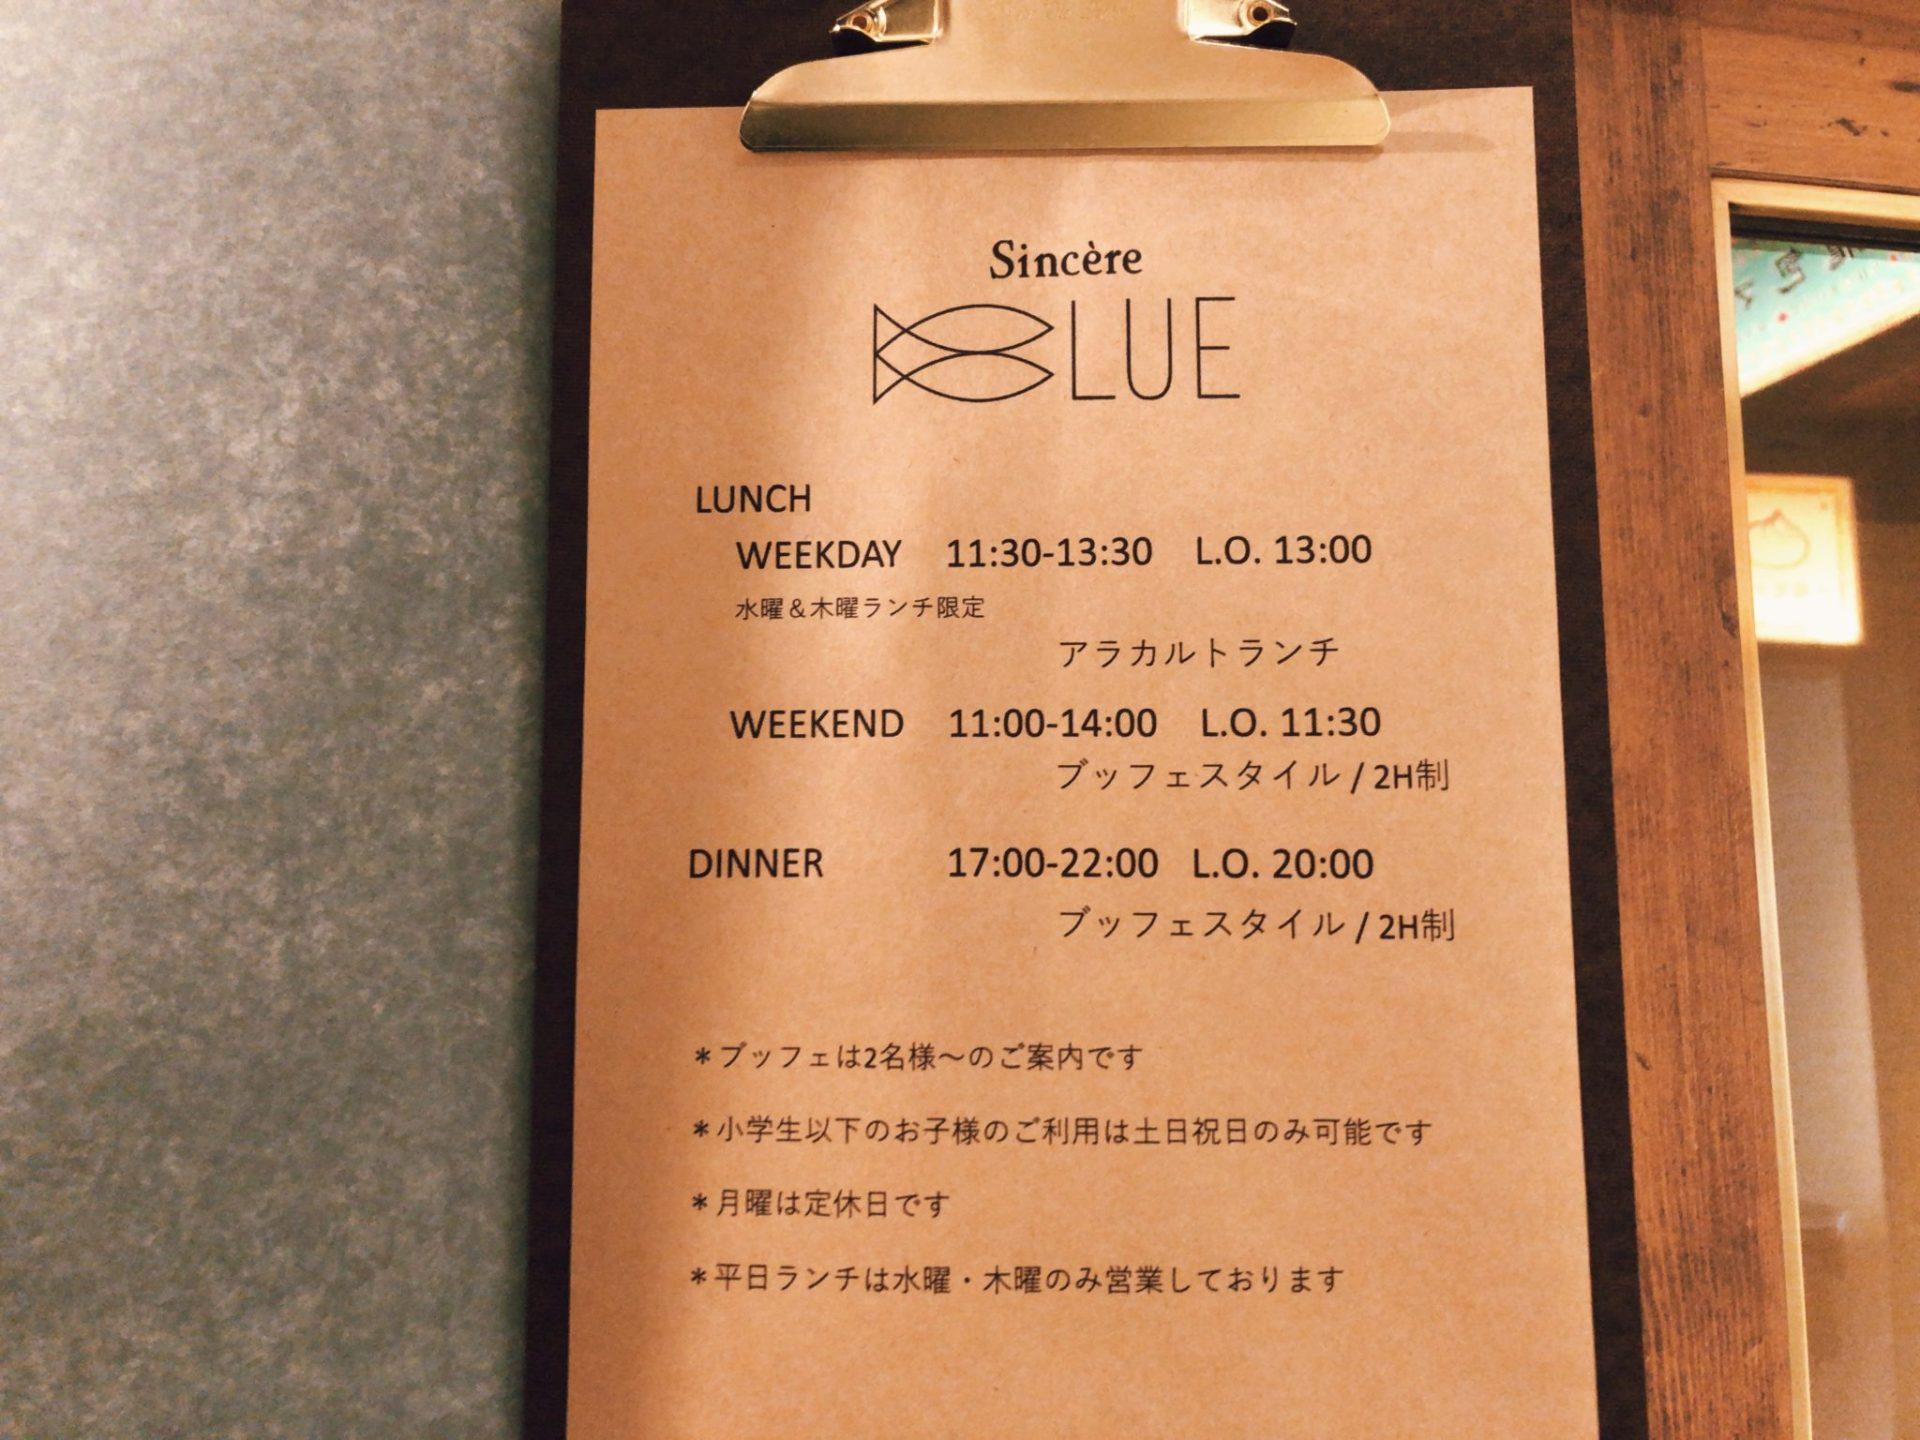 Sincere BLUE(シンシアブルー)【新業態】のアラカルトメニュー